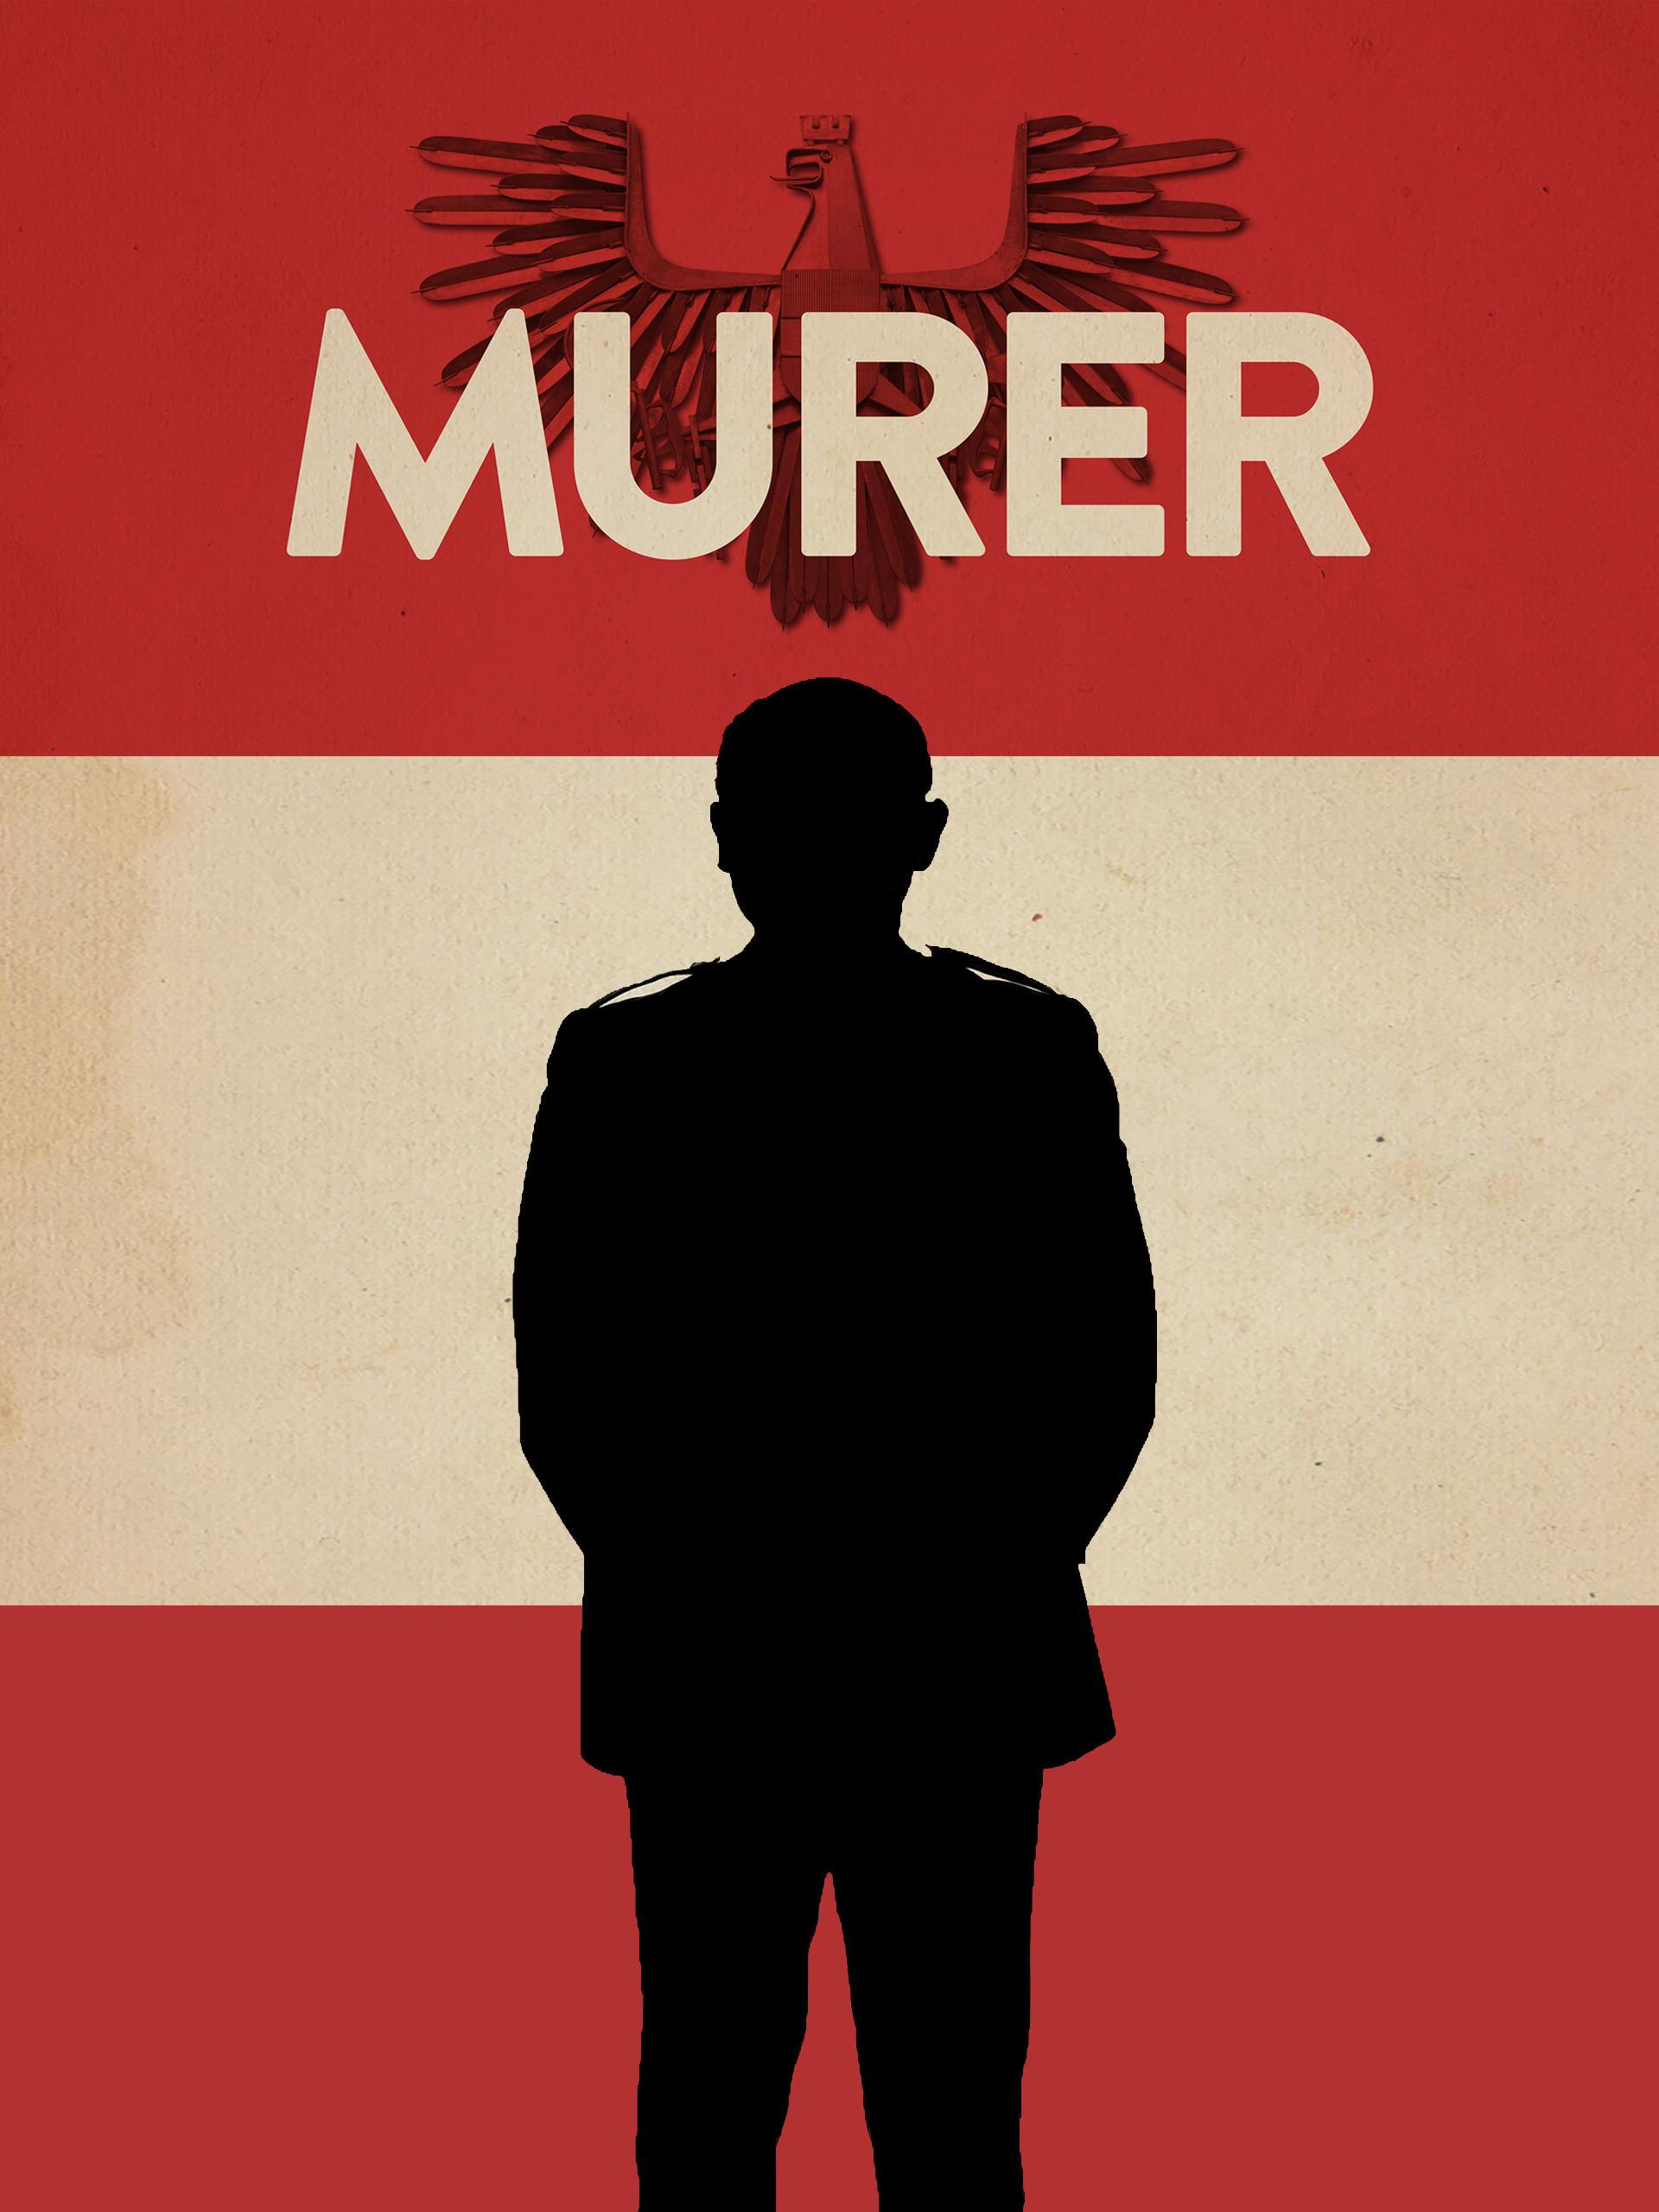 Murer